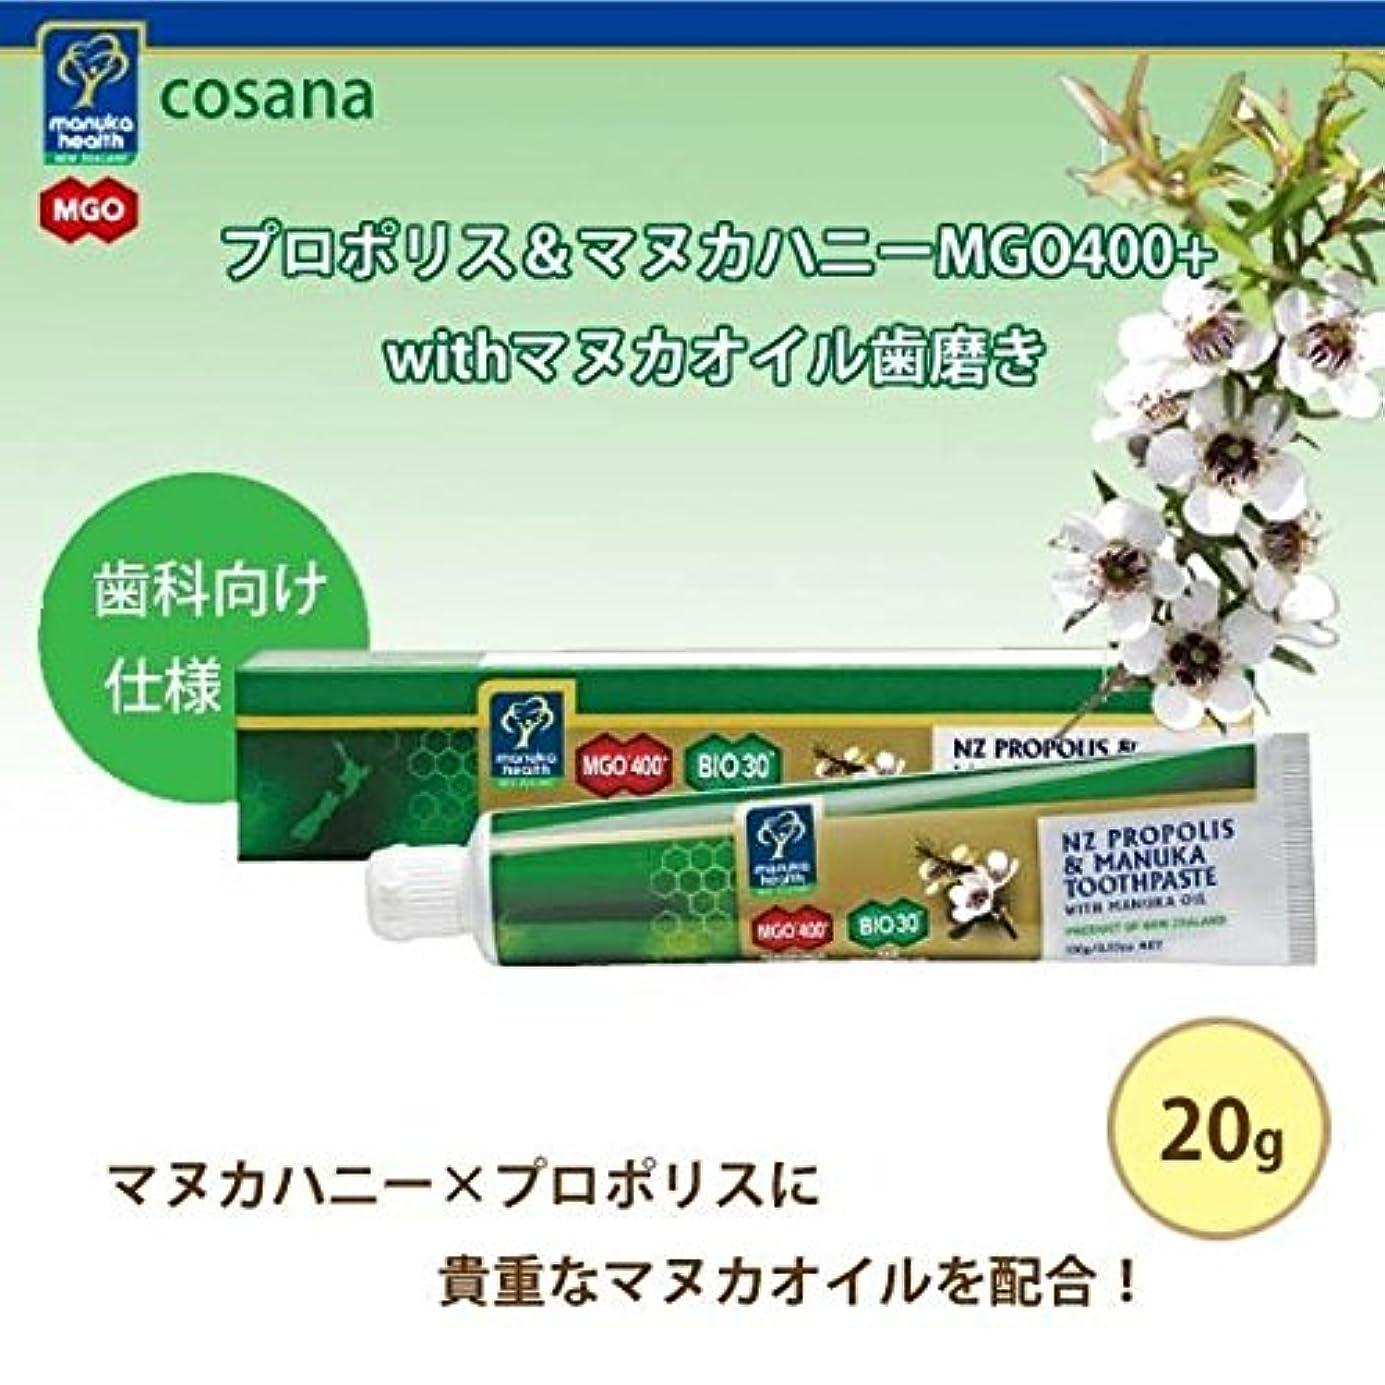 フライト外交官忍耐プロポリス&マヌカハニーMGO400+ withマヌカオイル歯磨き(緑) 20g